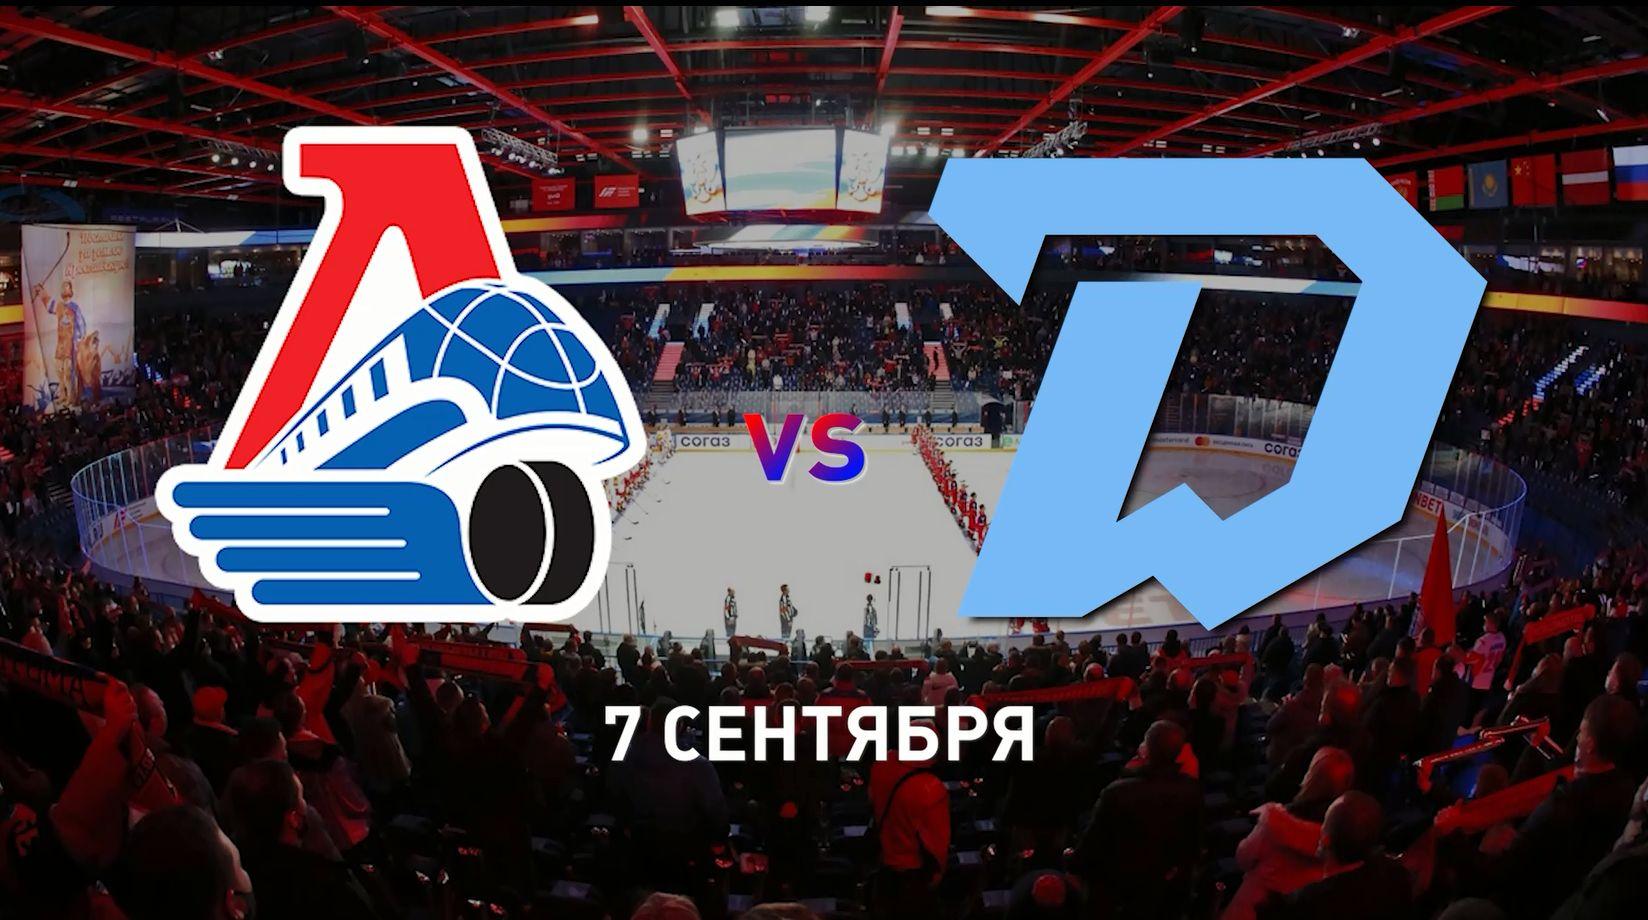 Стал известен календарь игр «Локомотива: с кем чаще всего будет играть ярославская команда